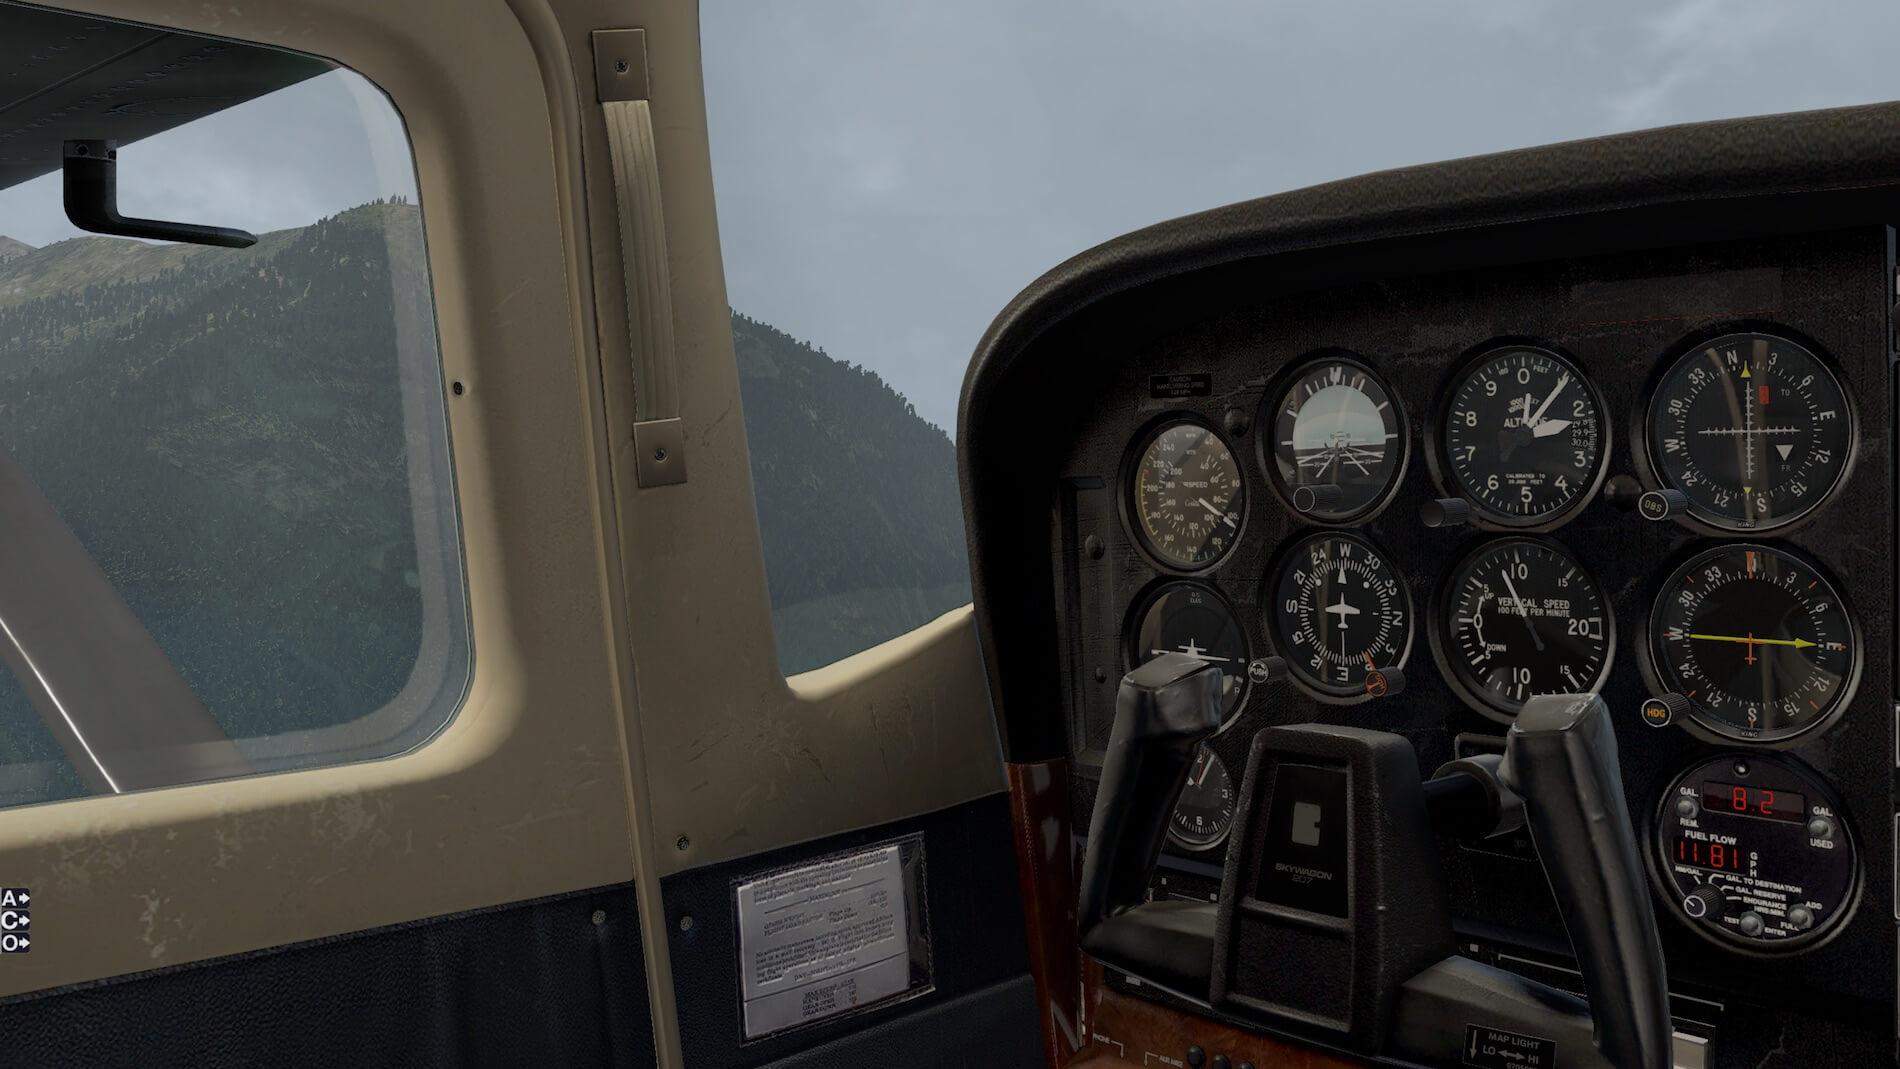 Xplane 11 Cessna 206